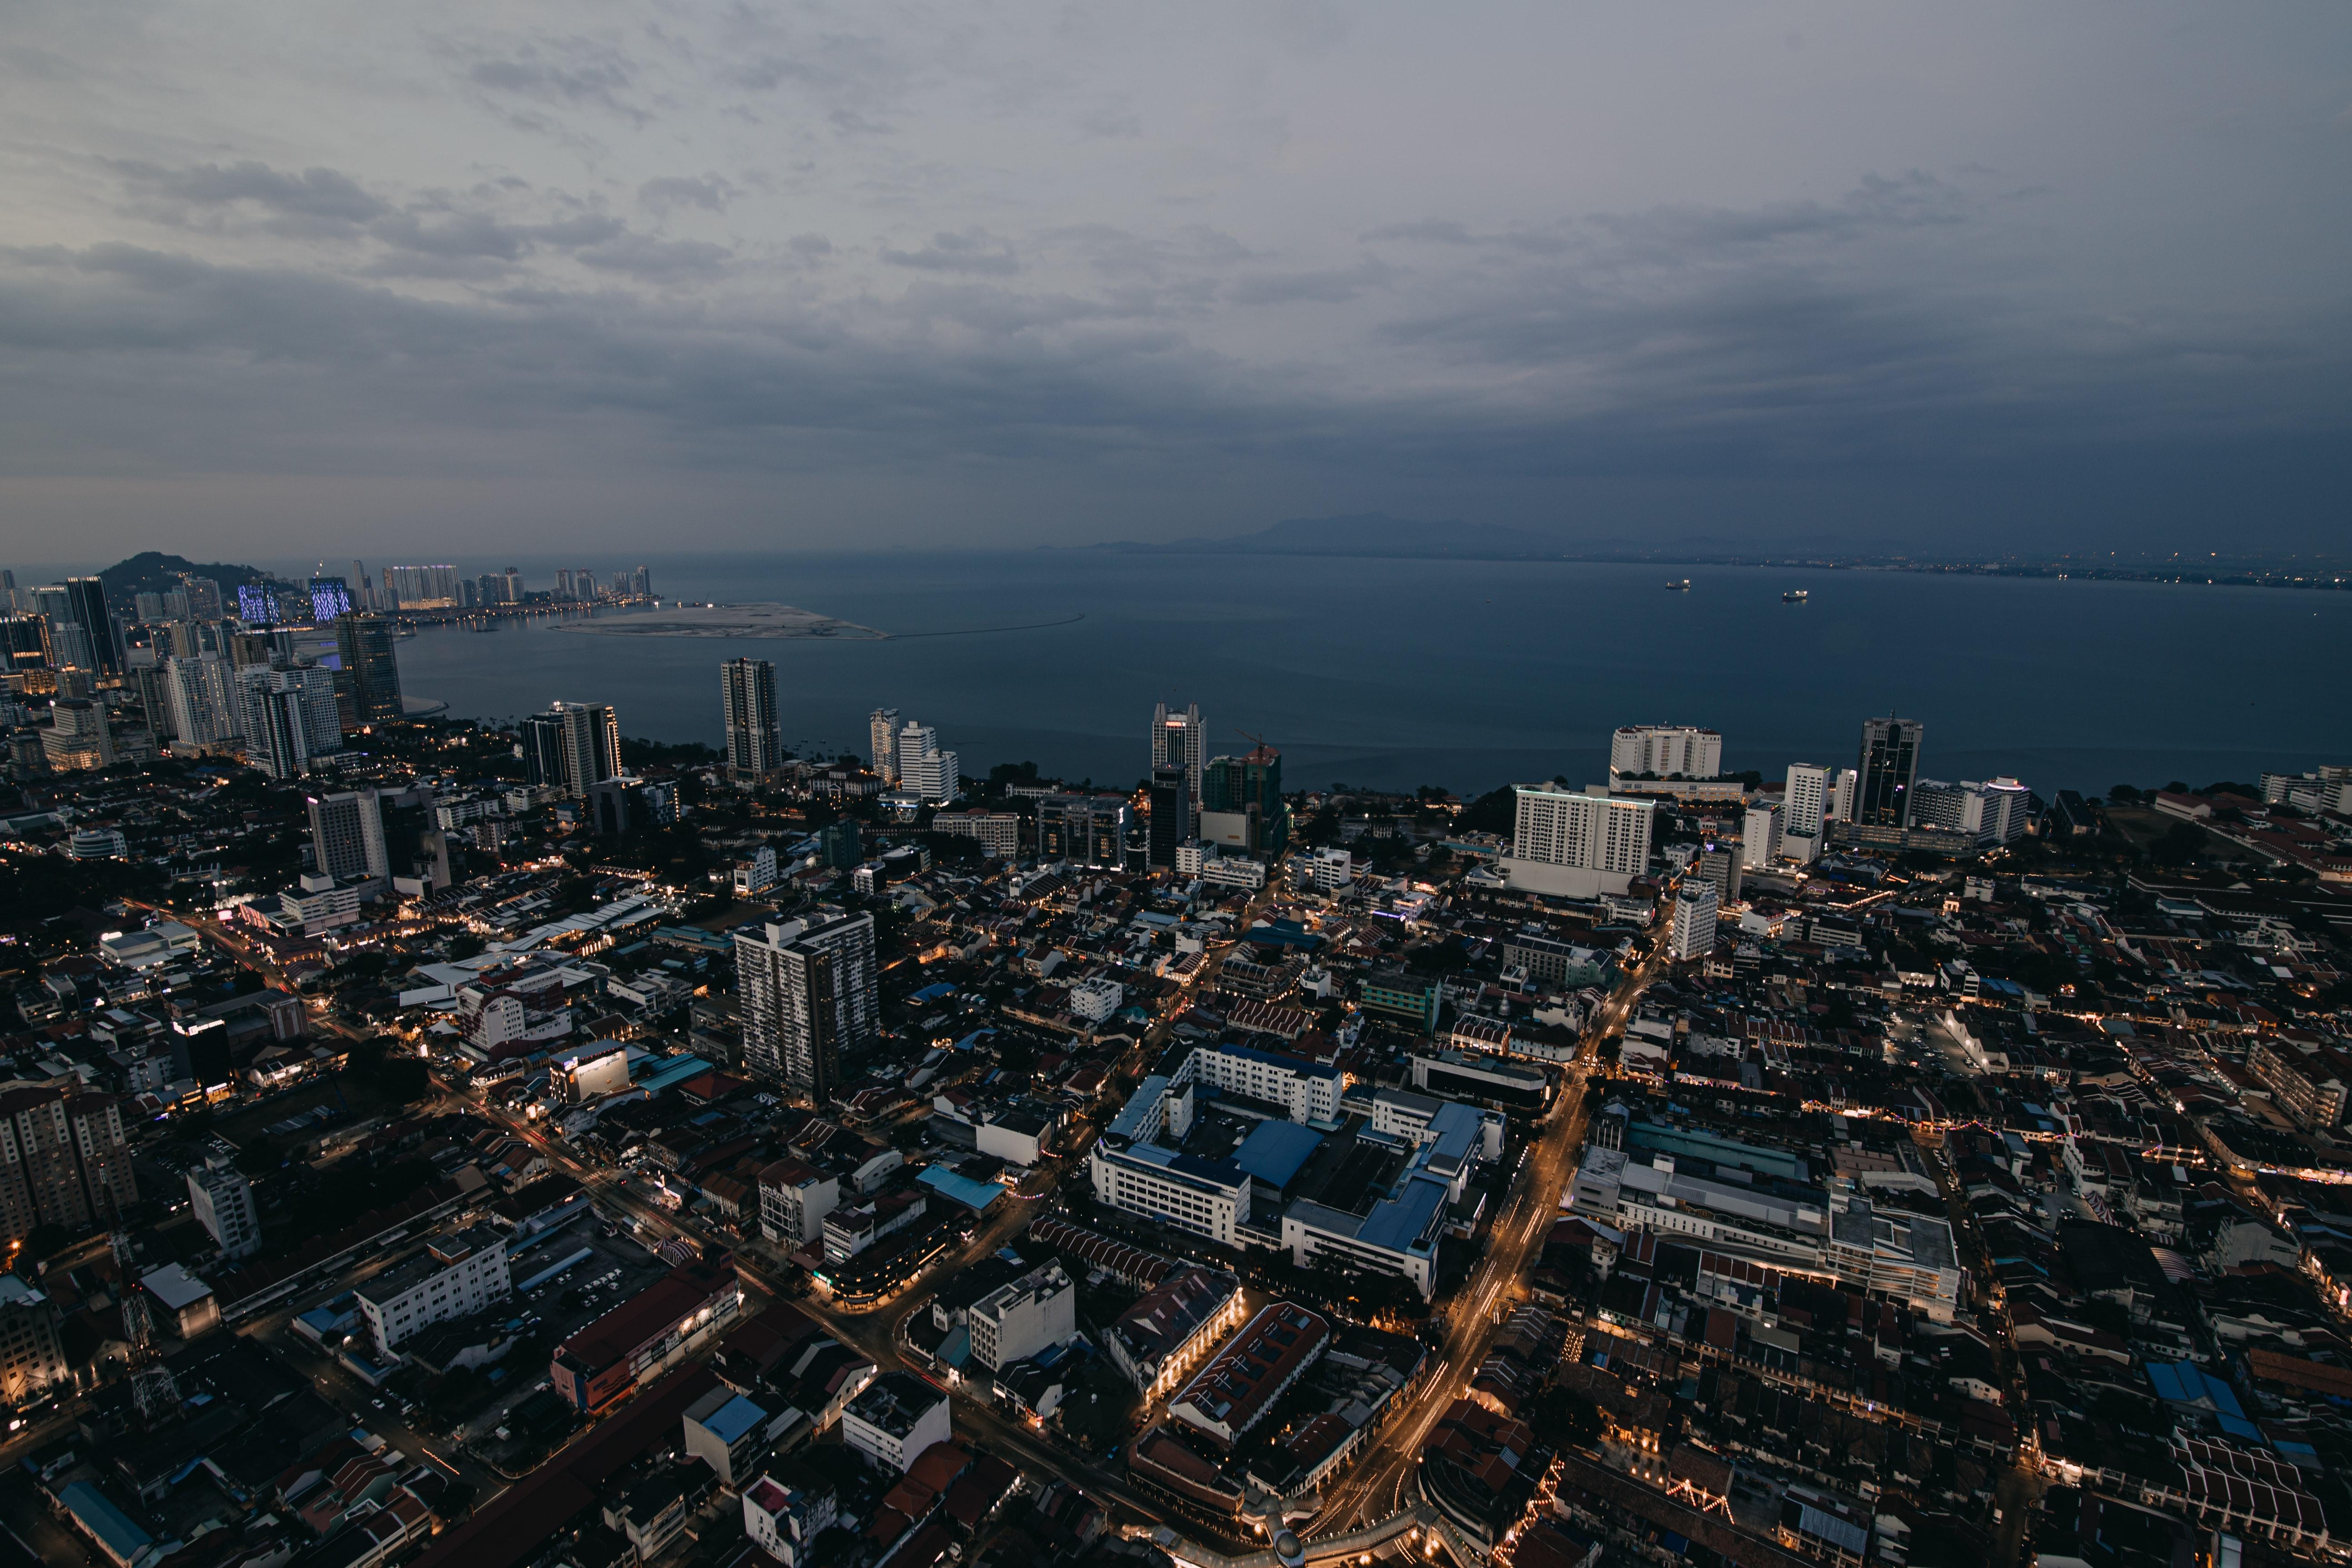 74318 Hintergrundbild herunterladen Städte, Roads, Architektur, Stadt, Gebäude, Abend - Bildschirmschoner und Bilder kostenlos